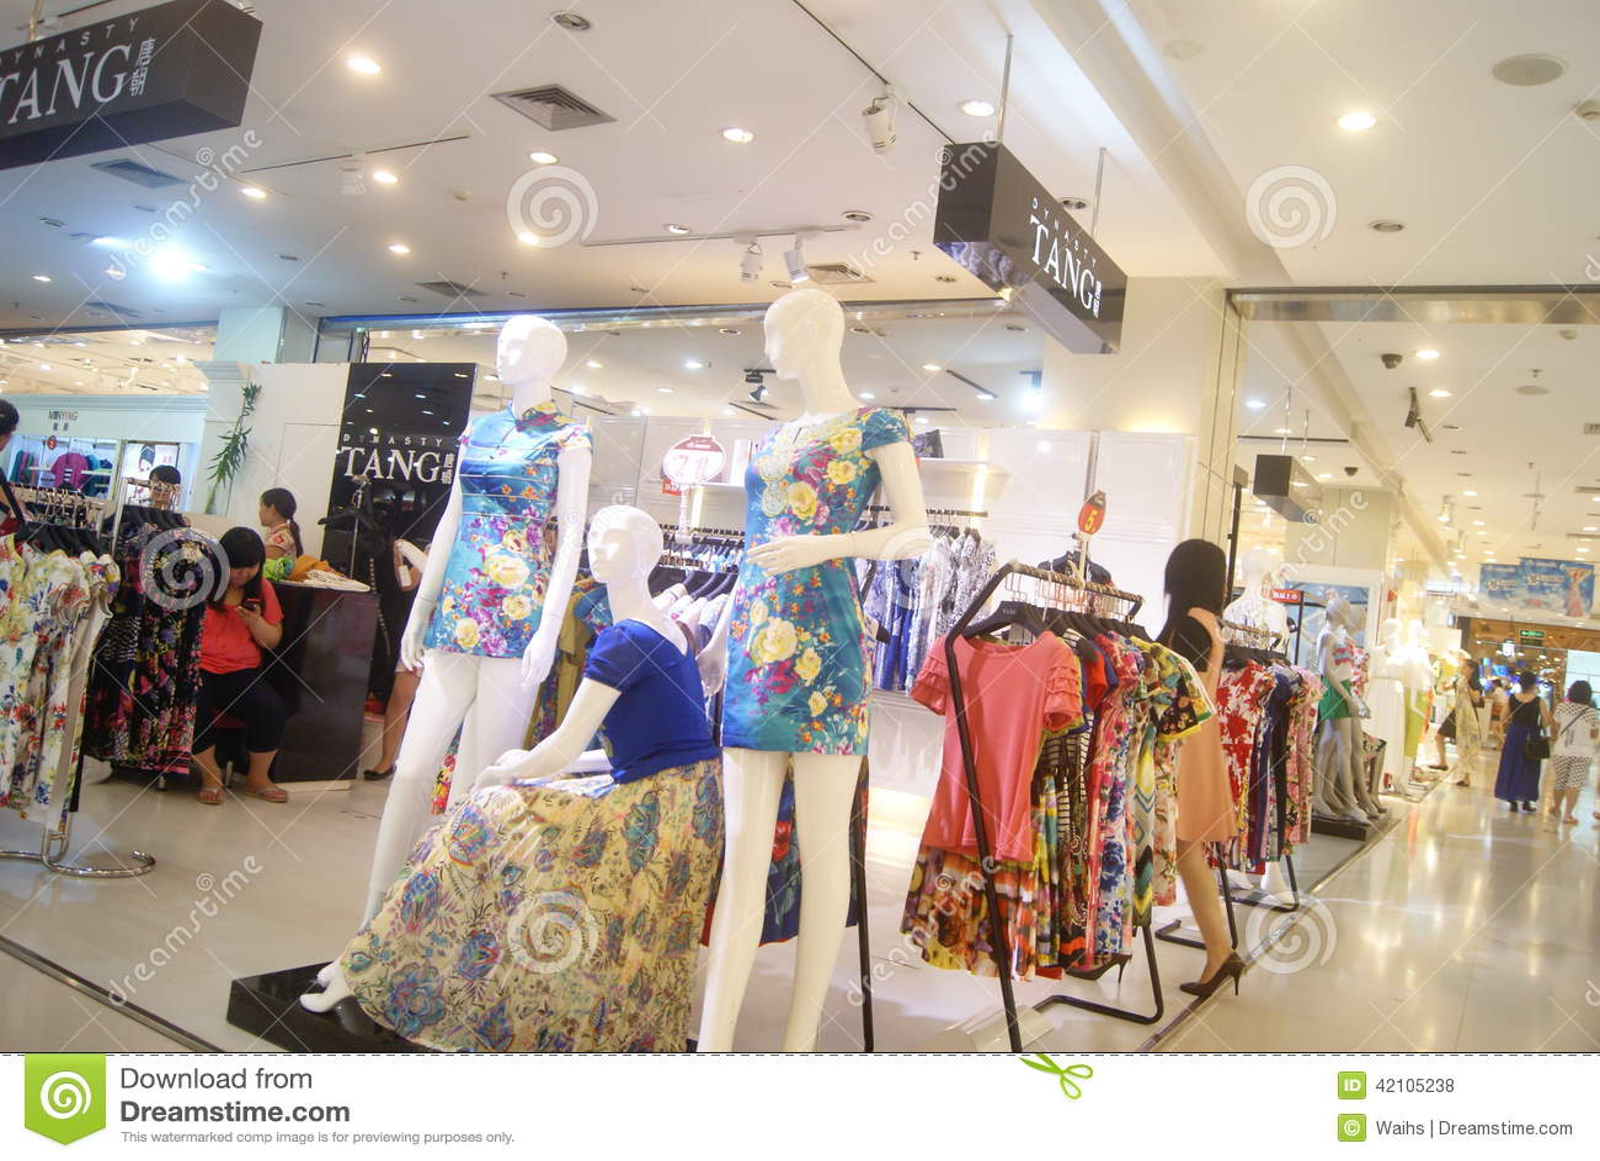 China Wholesale Korean Clothing Online Marketing Store - FASHION